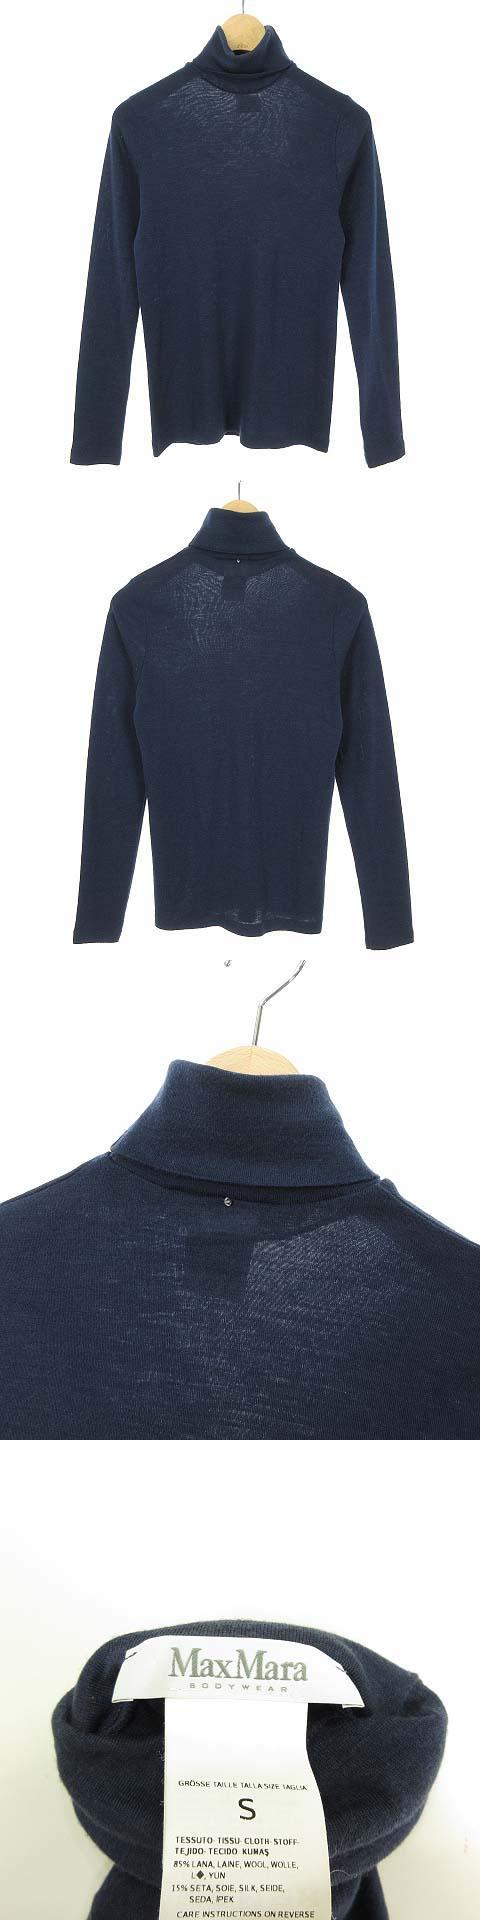 BodyWear ウール ニット カットソー トップス タートルネック シルク混 長袖 S ネイビー 国内正規品